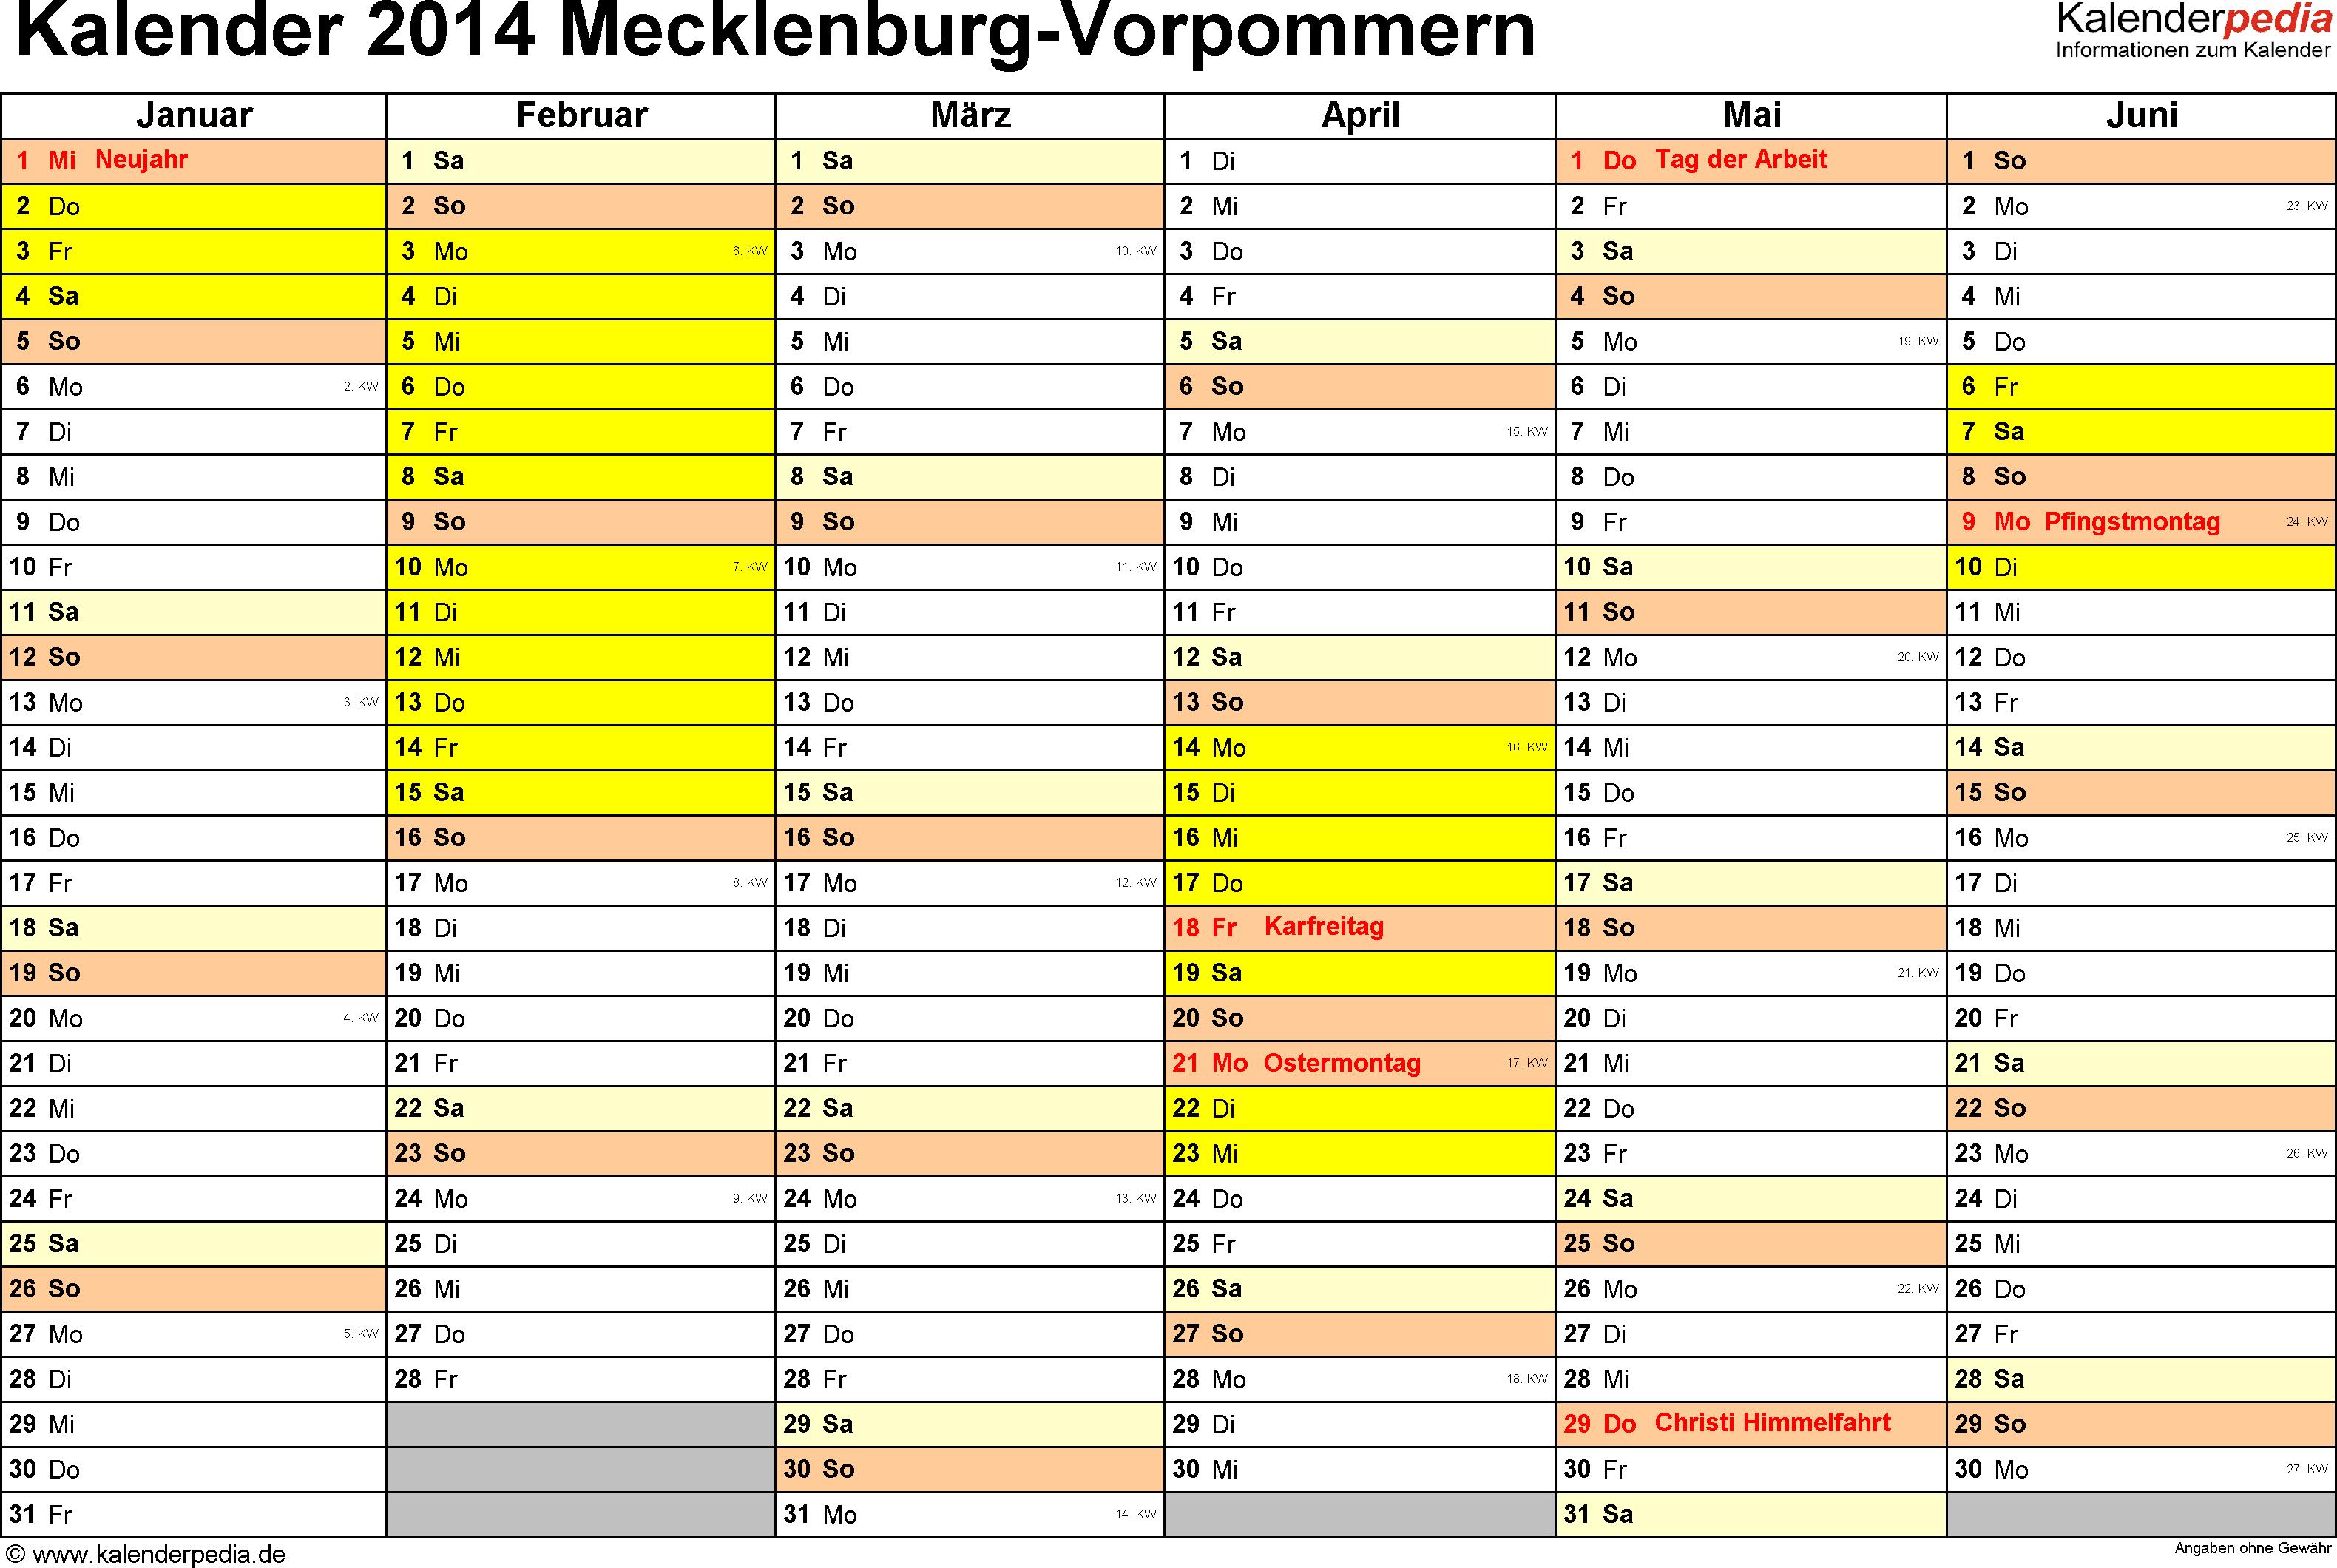 Vorlage 2: Kalender 2014 für Mecklenburg-Vorpommern als PDF-Vorlage (Querformat, 2 Seiten)